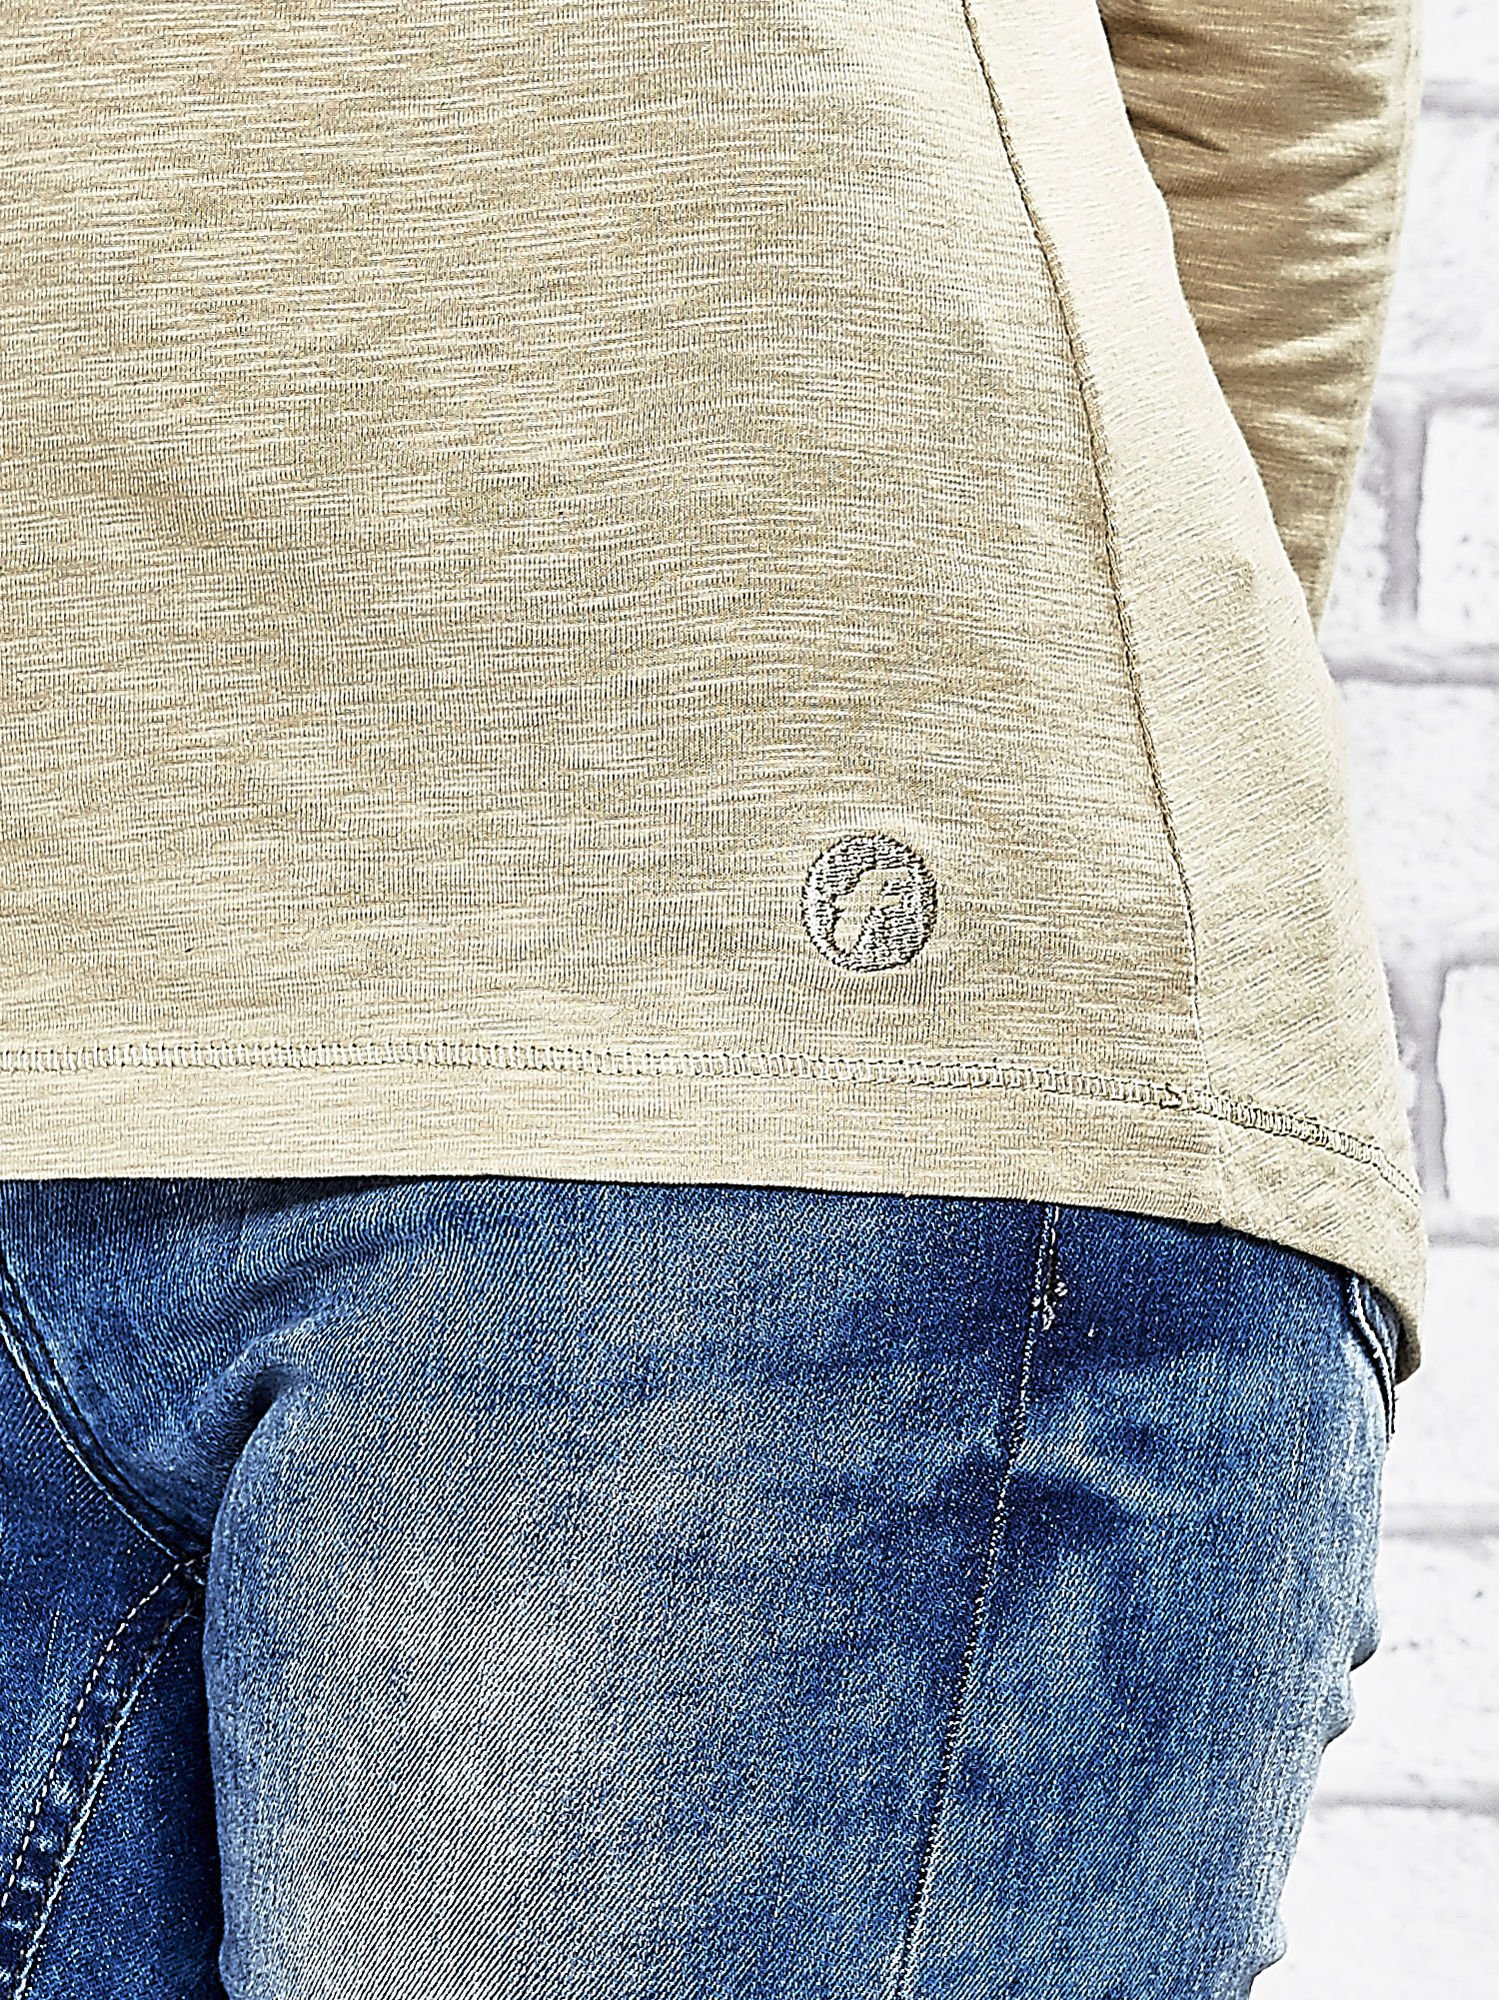 Beżowa bluzka z guzikami przy dekolcie Funk n Soul                                  zdj.                                  6